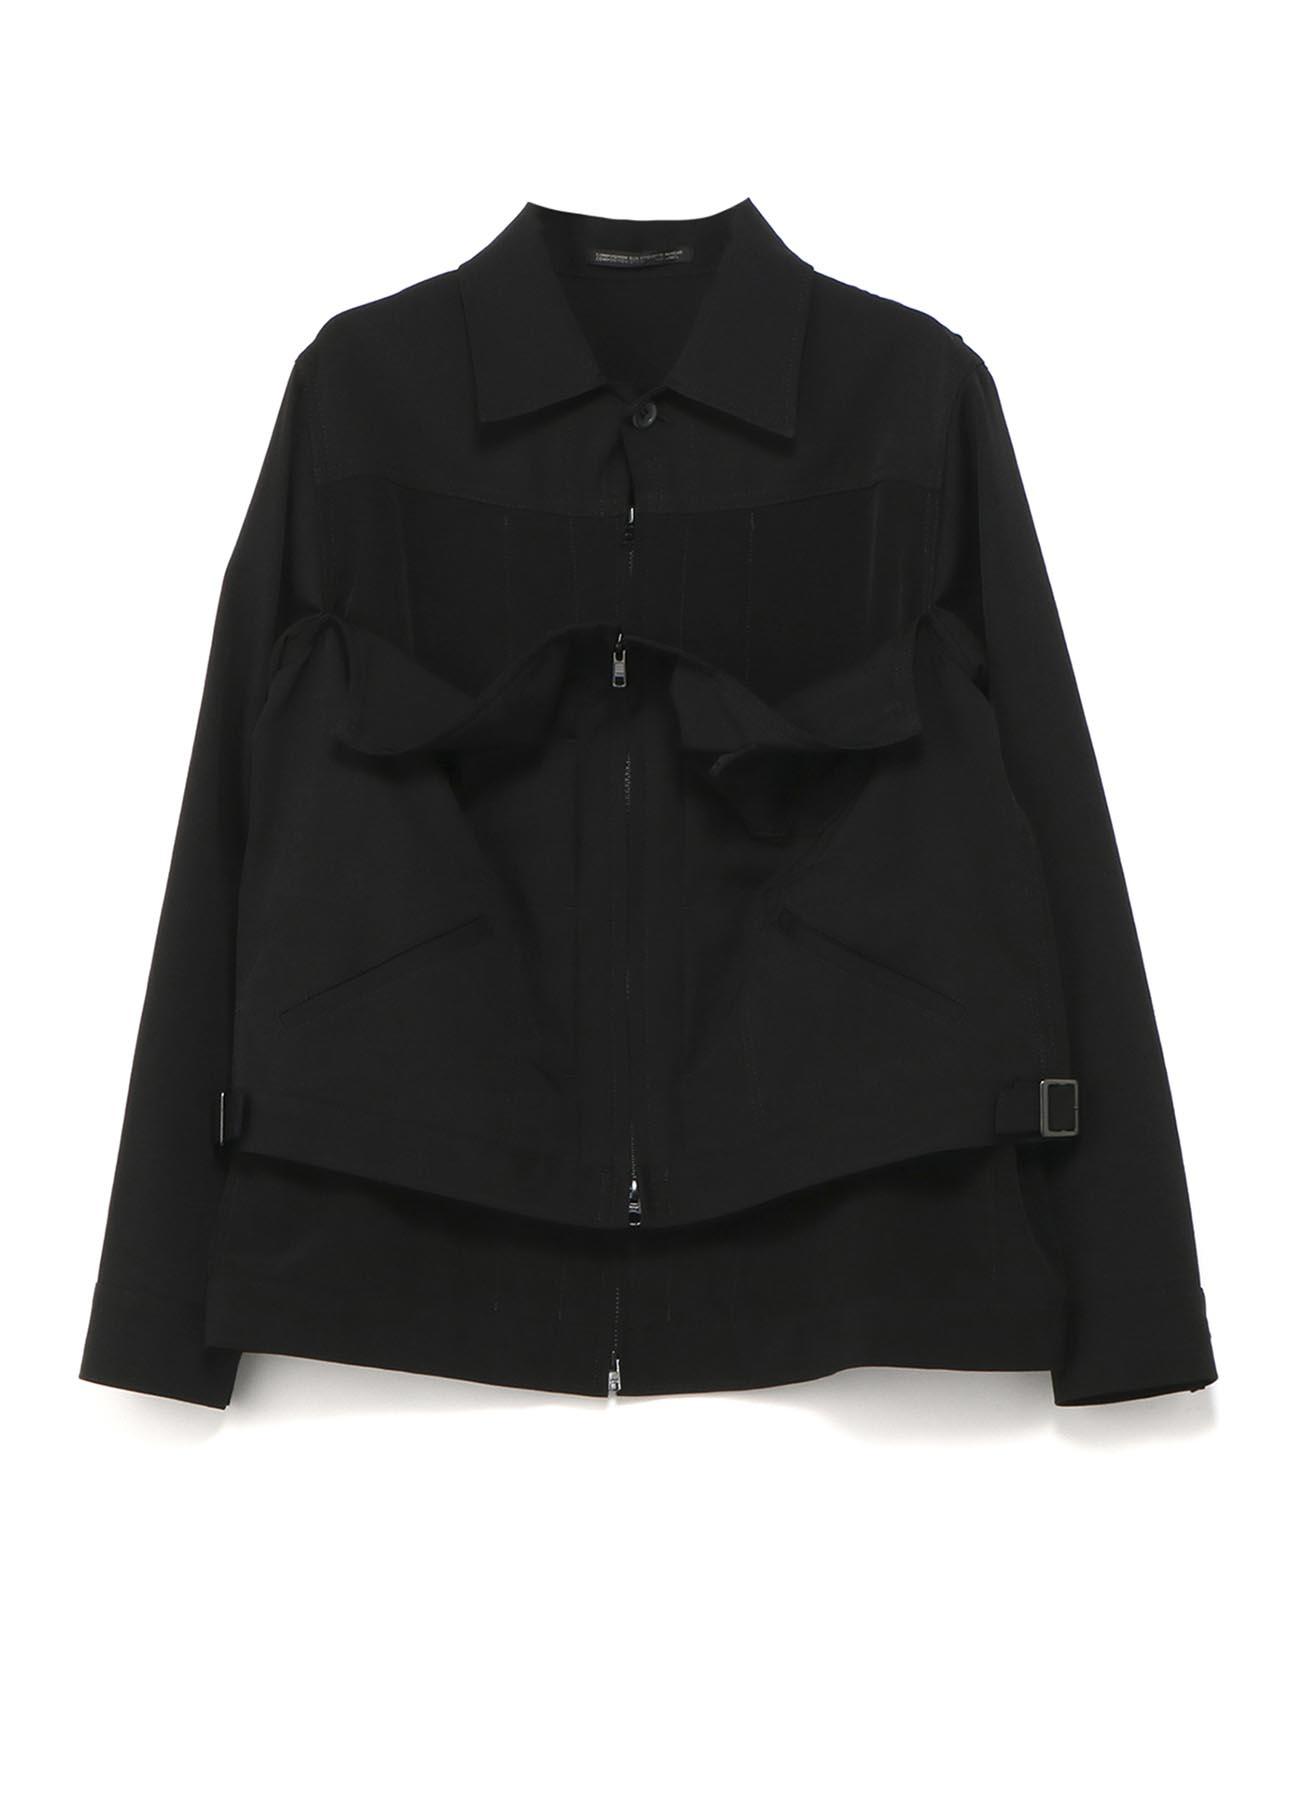 シワギャバ組み合わせジャケット